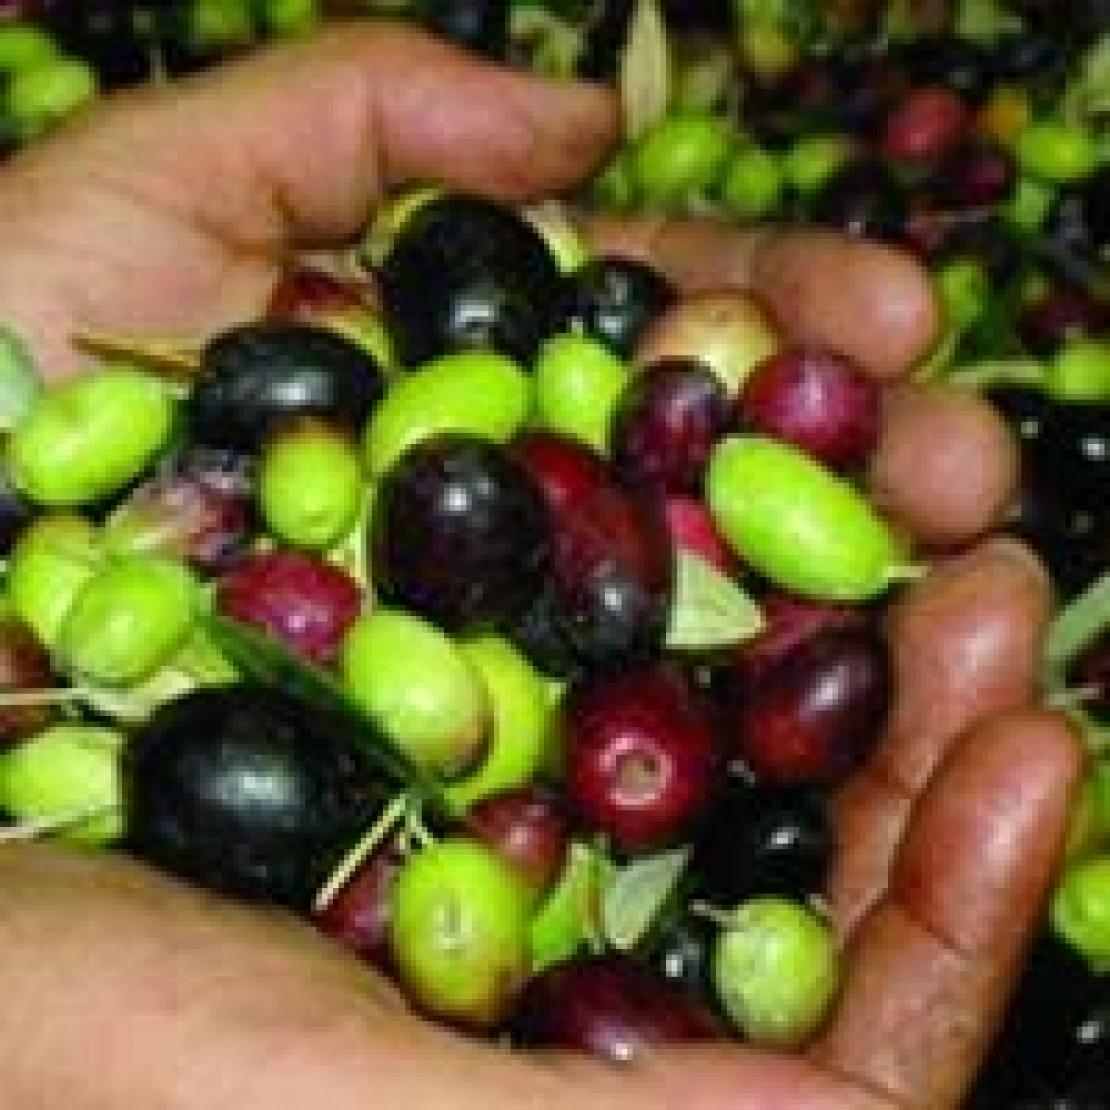 L'olio d'oliva artigianale diventa un caso editoriale